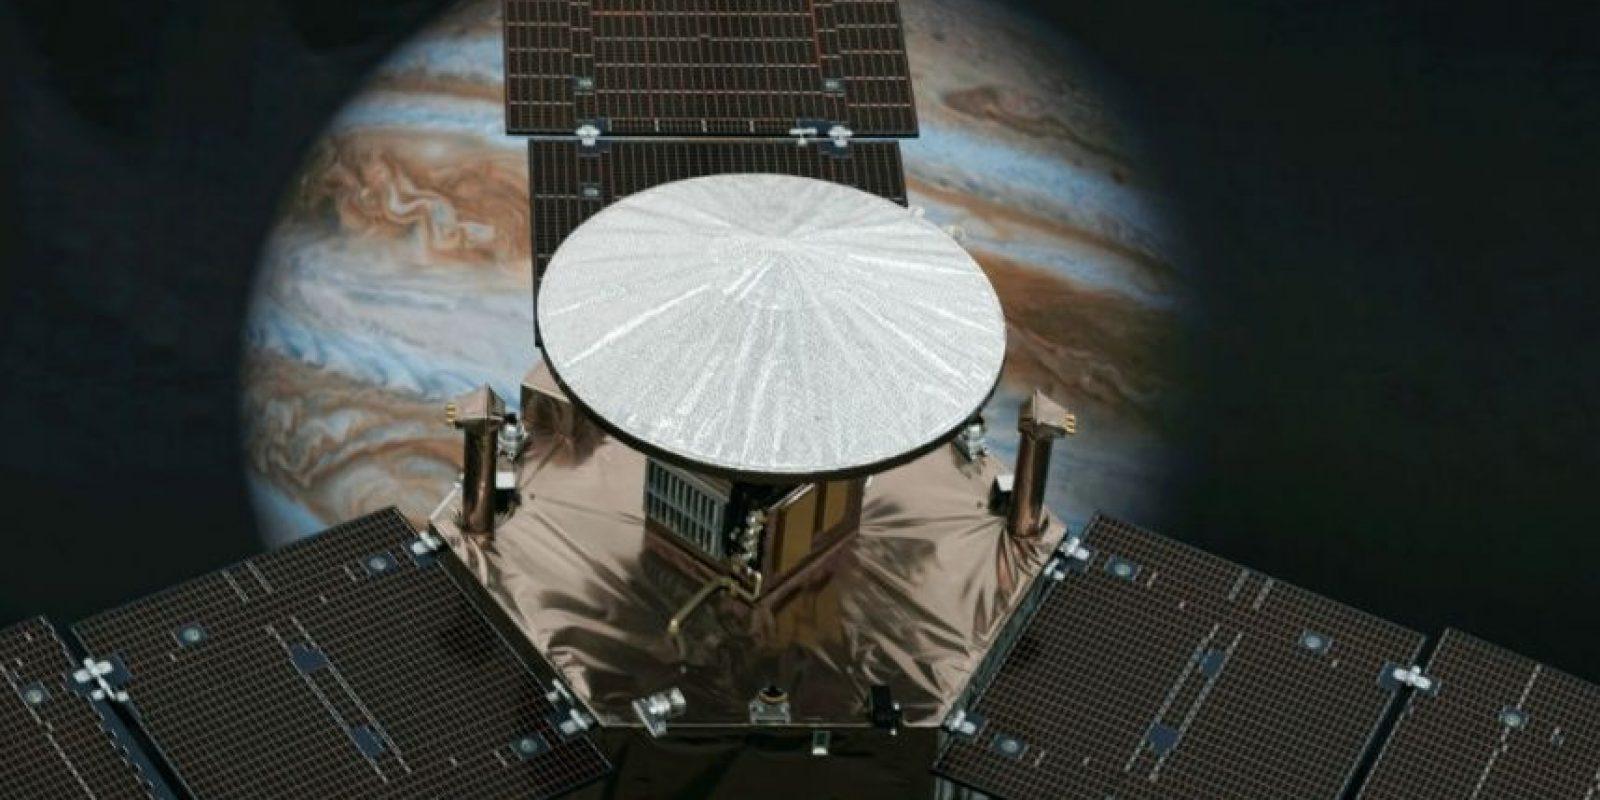 La NASA había enviado otras misiones -como la sonda Galileo- para estudiar Júpiter, Juno será la que más se acerque y hará historia al ser el primer artefacto que orbite los dos polos del planeta. Foto:AP